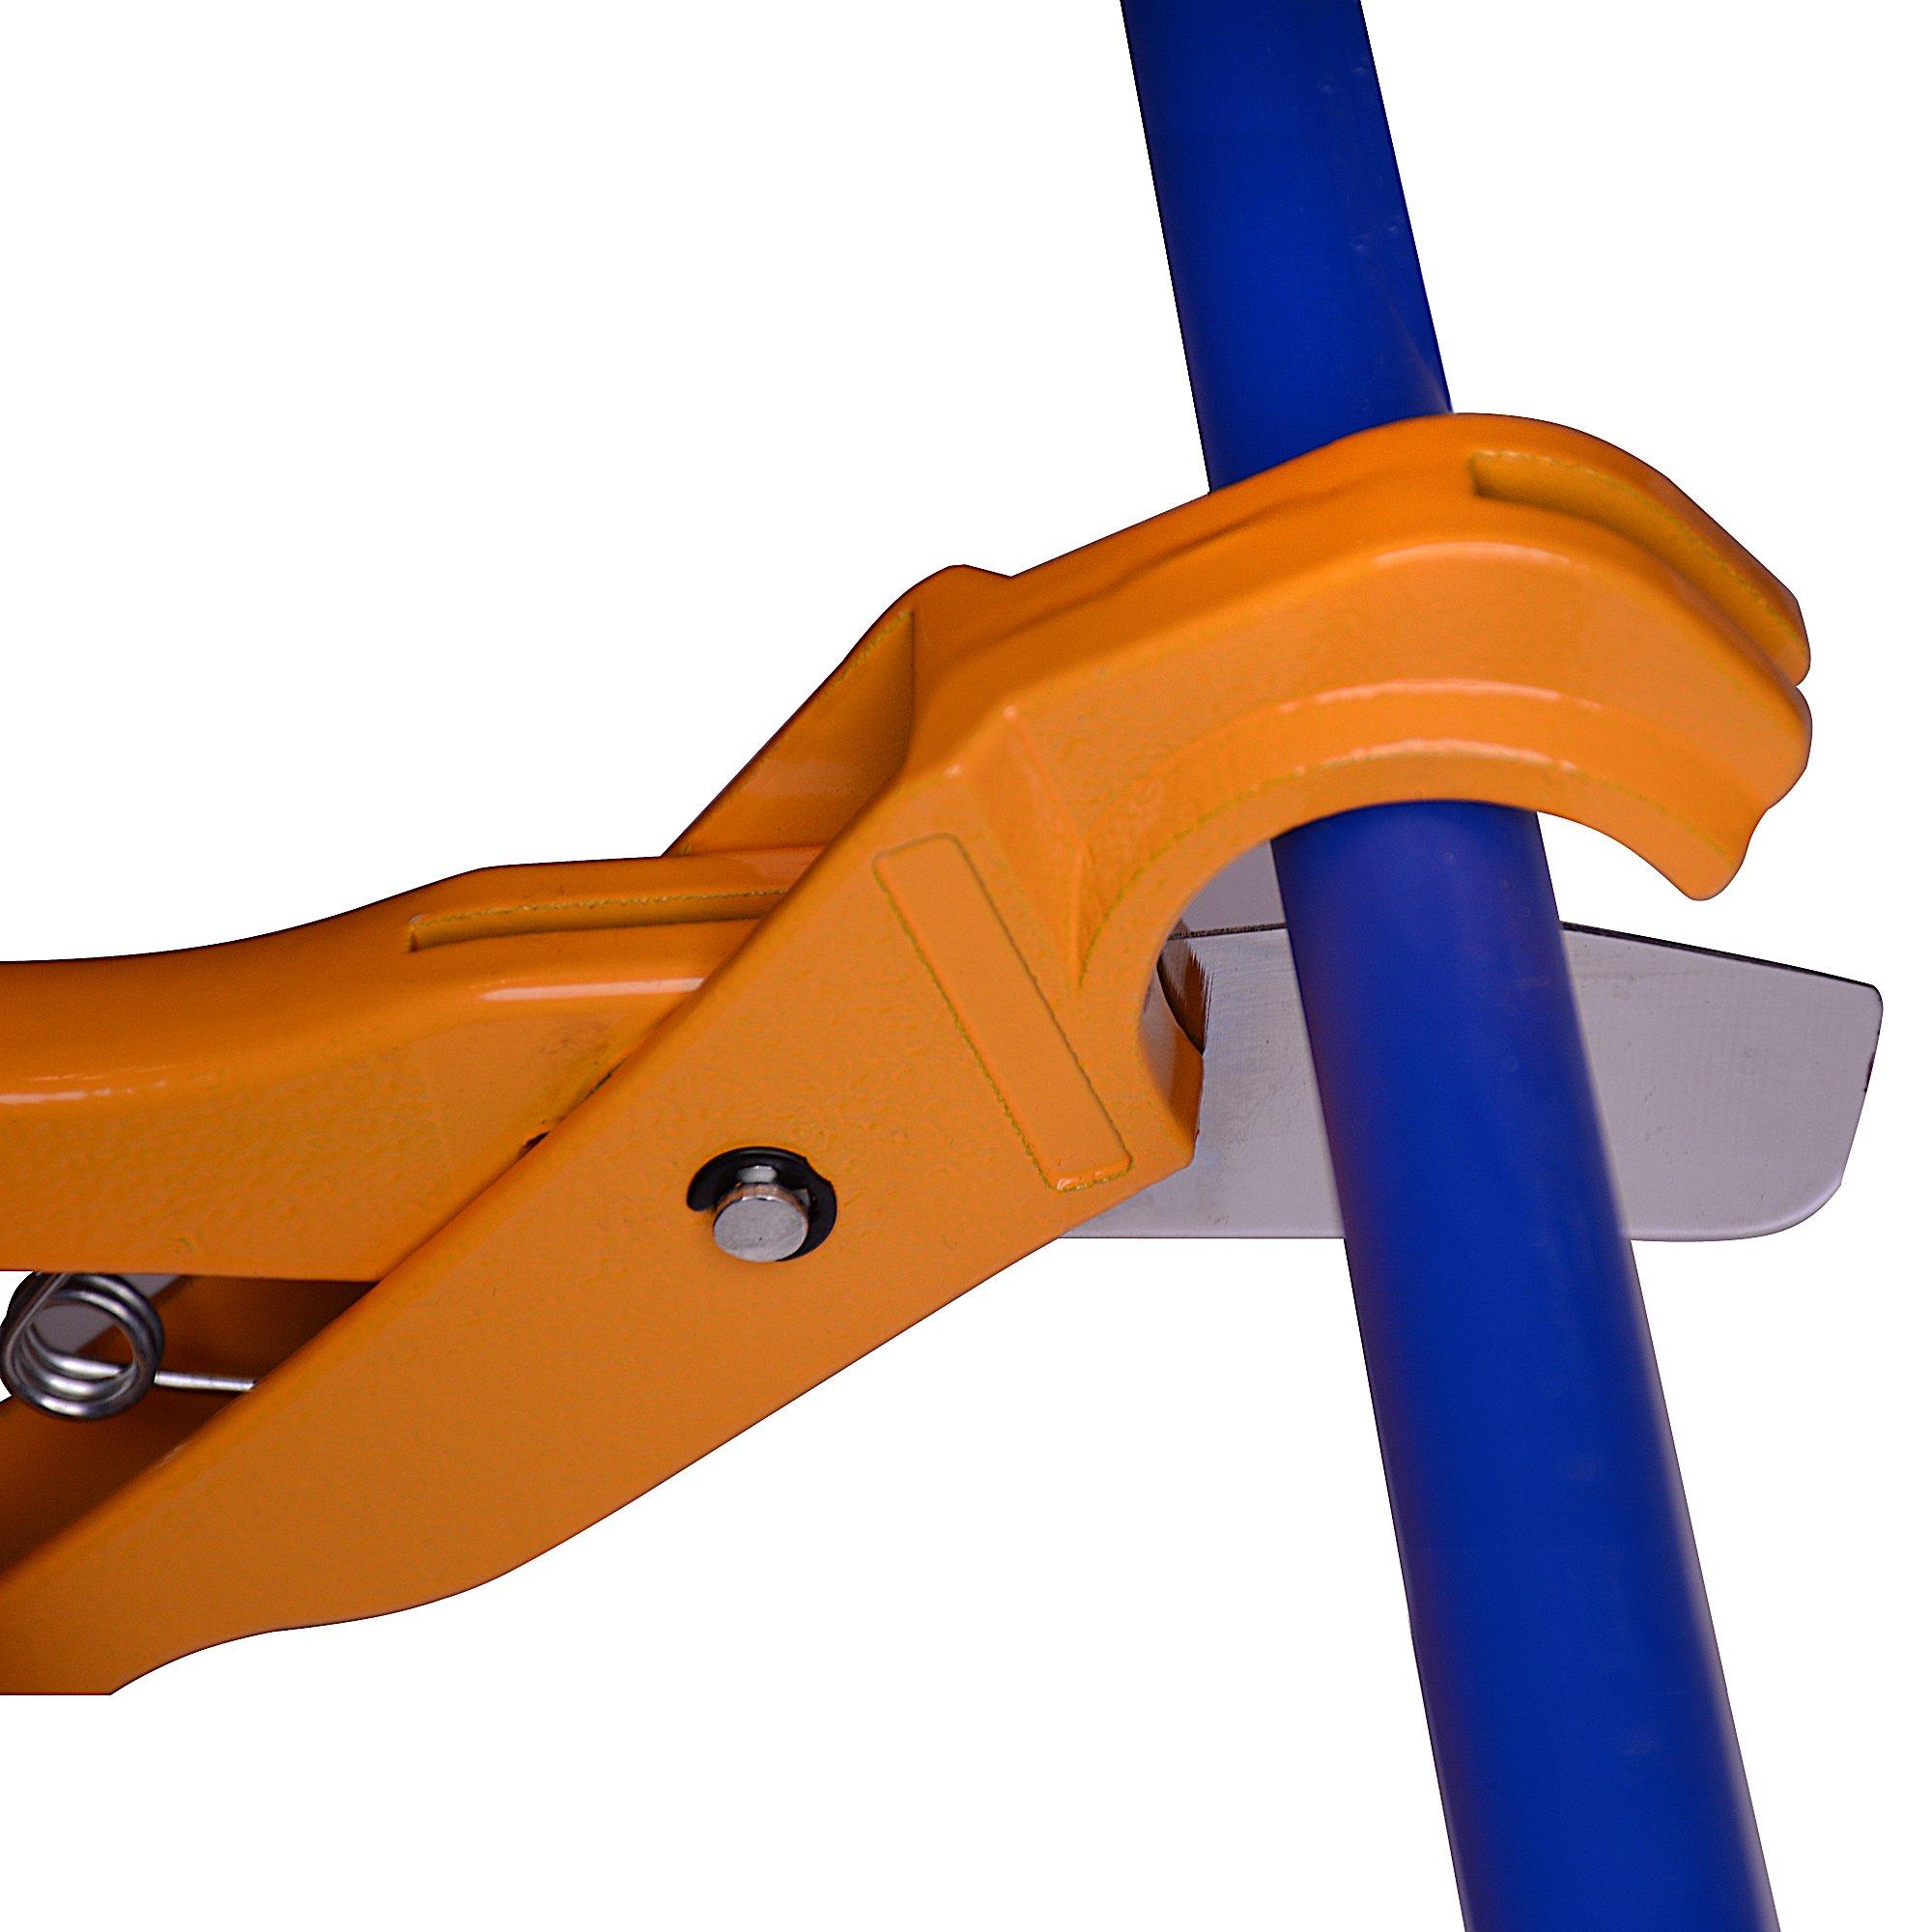 """Flui-PRO Pex Tube Cutter - Cuts pex tubing pipe up to 1-inch in diameter (1/4"""", 3/8"""", 1/2"""", 3/4"""", 1"""")"""